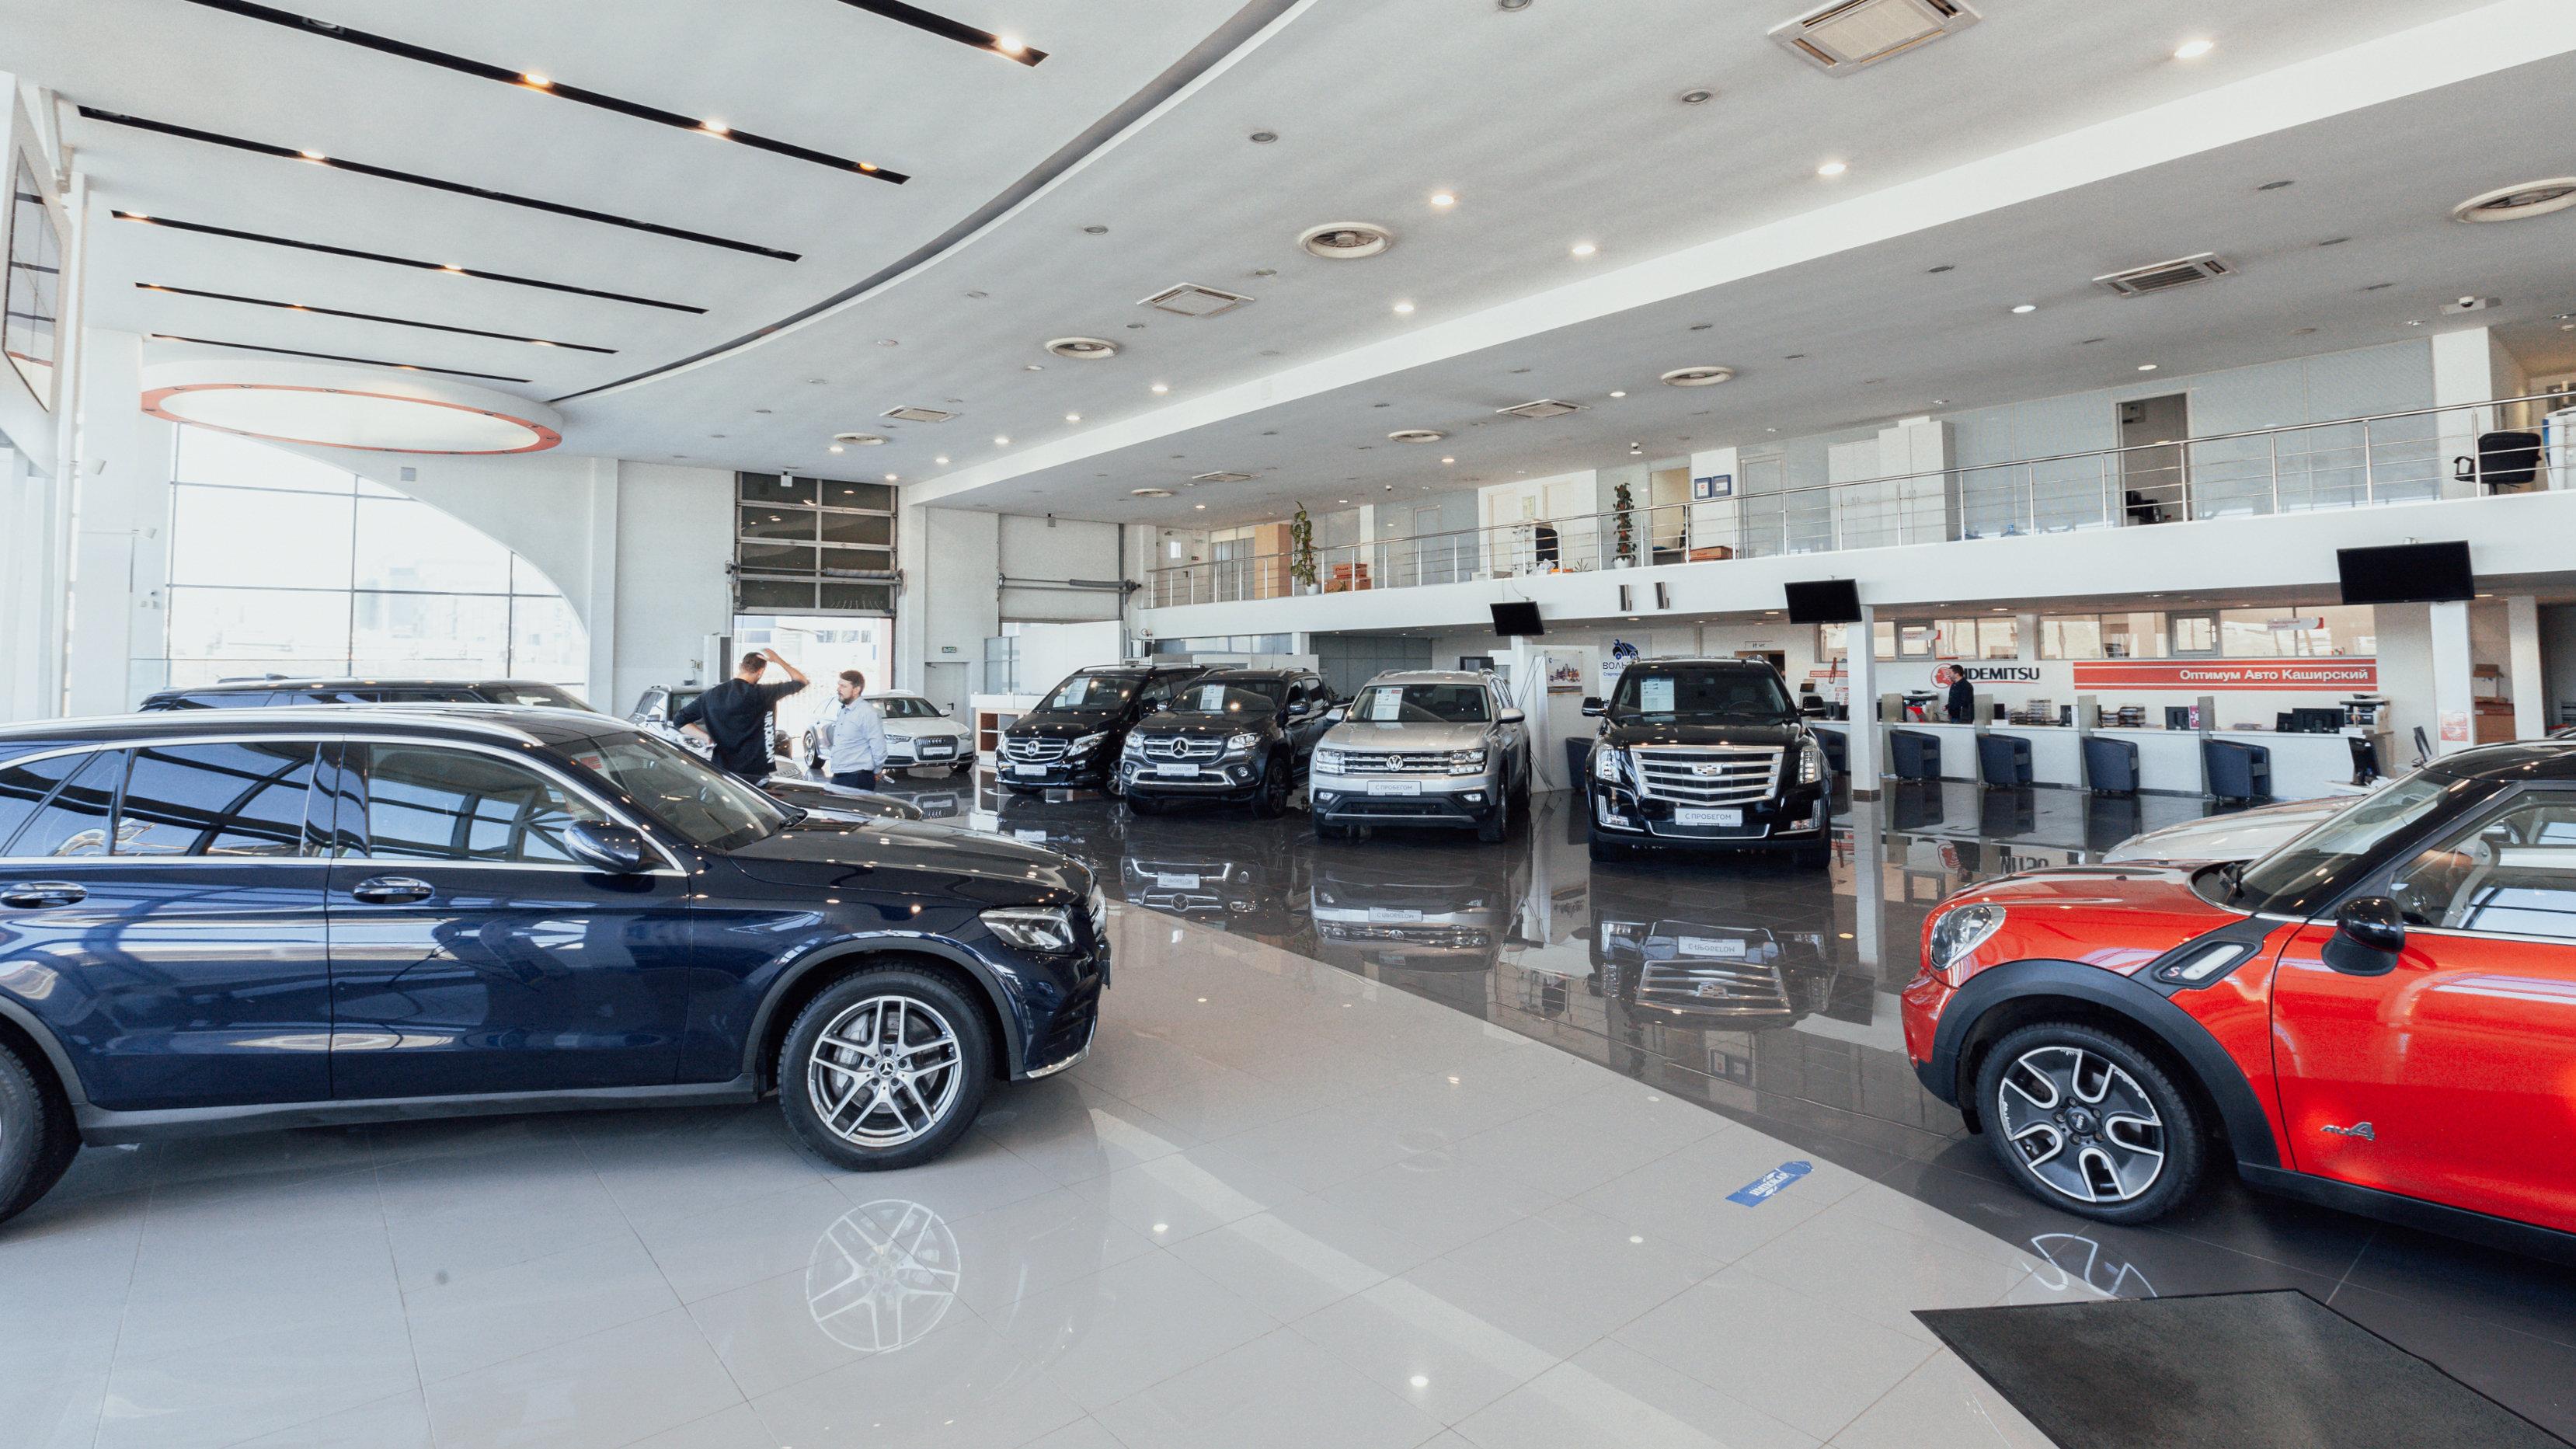 Метро домодедовское автосалон москва деньги в долг под залог как бизнес